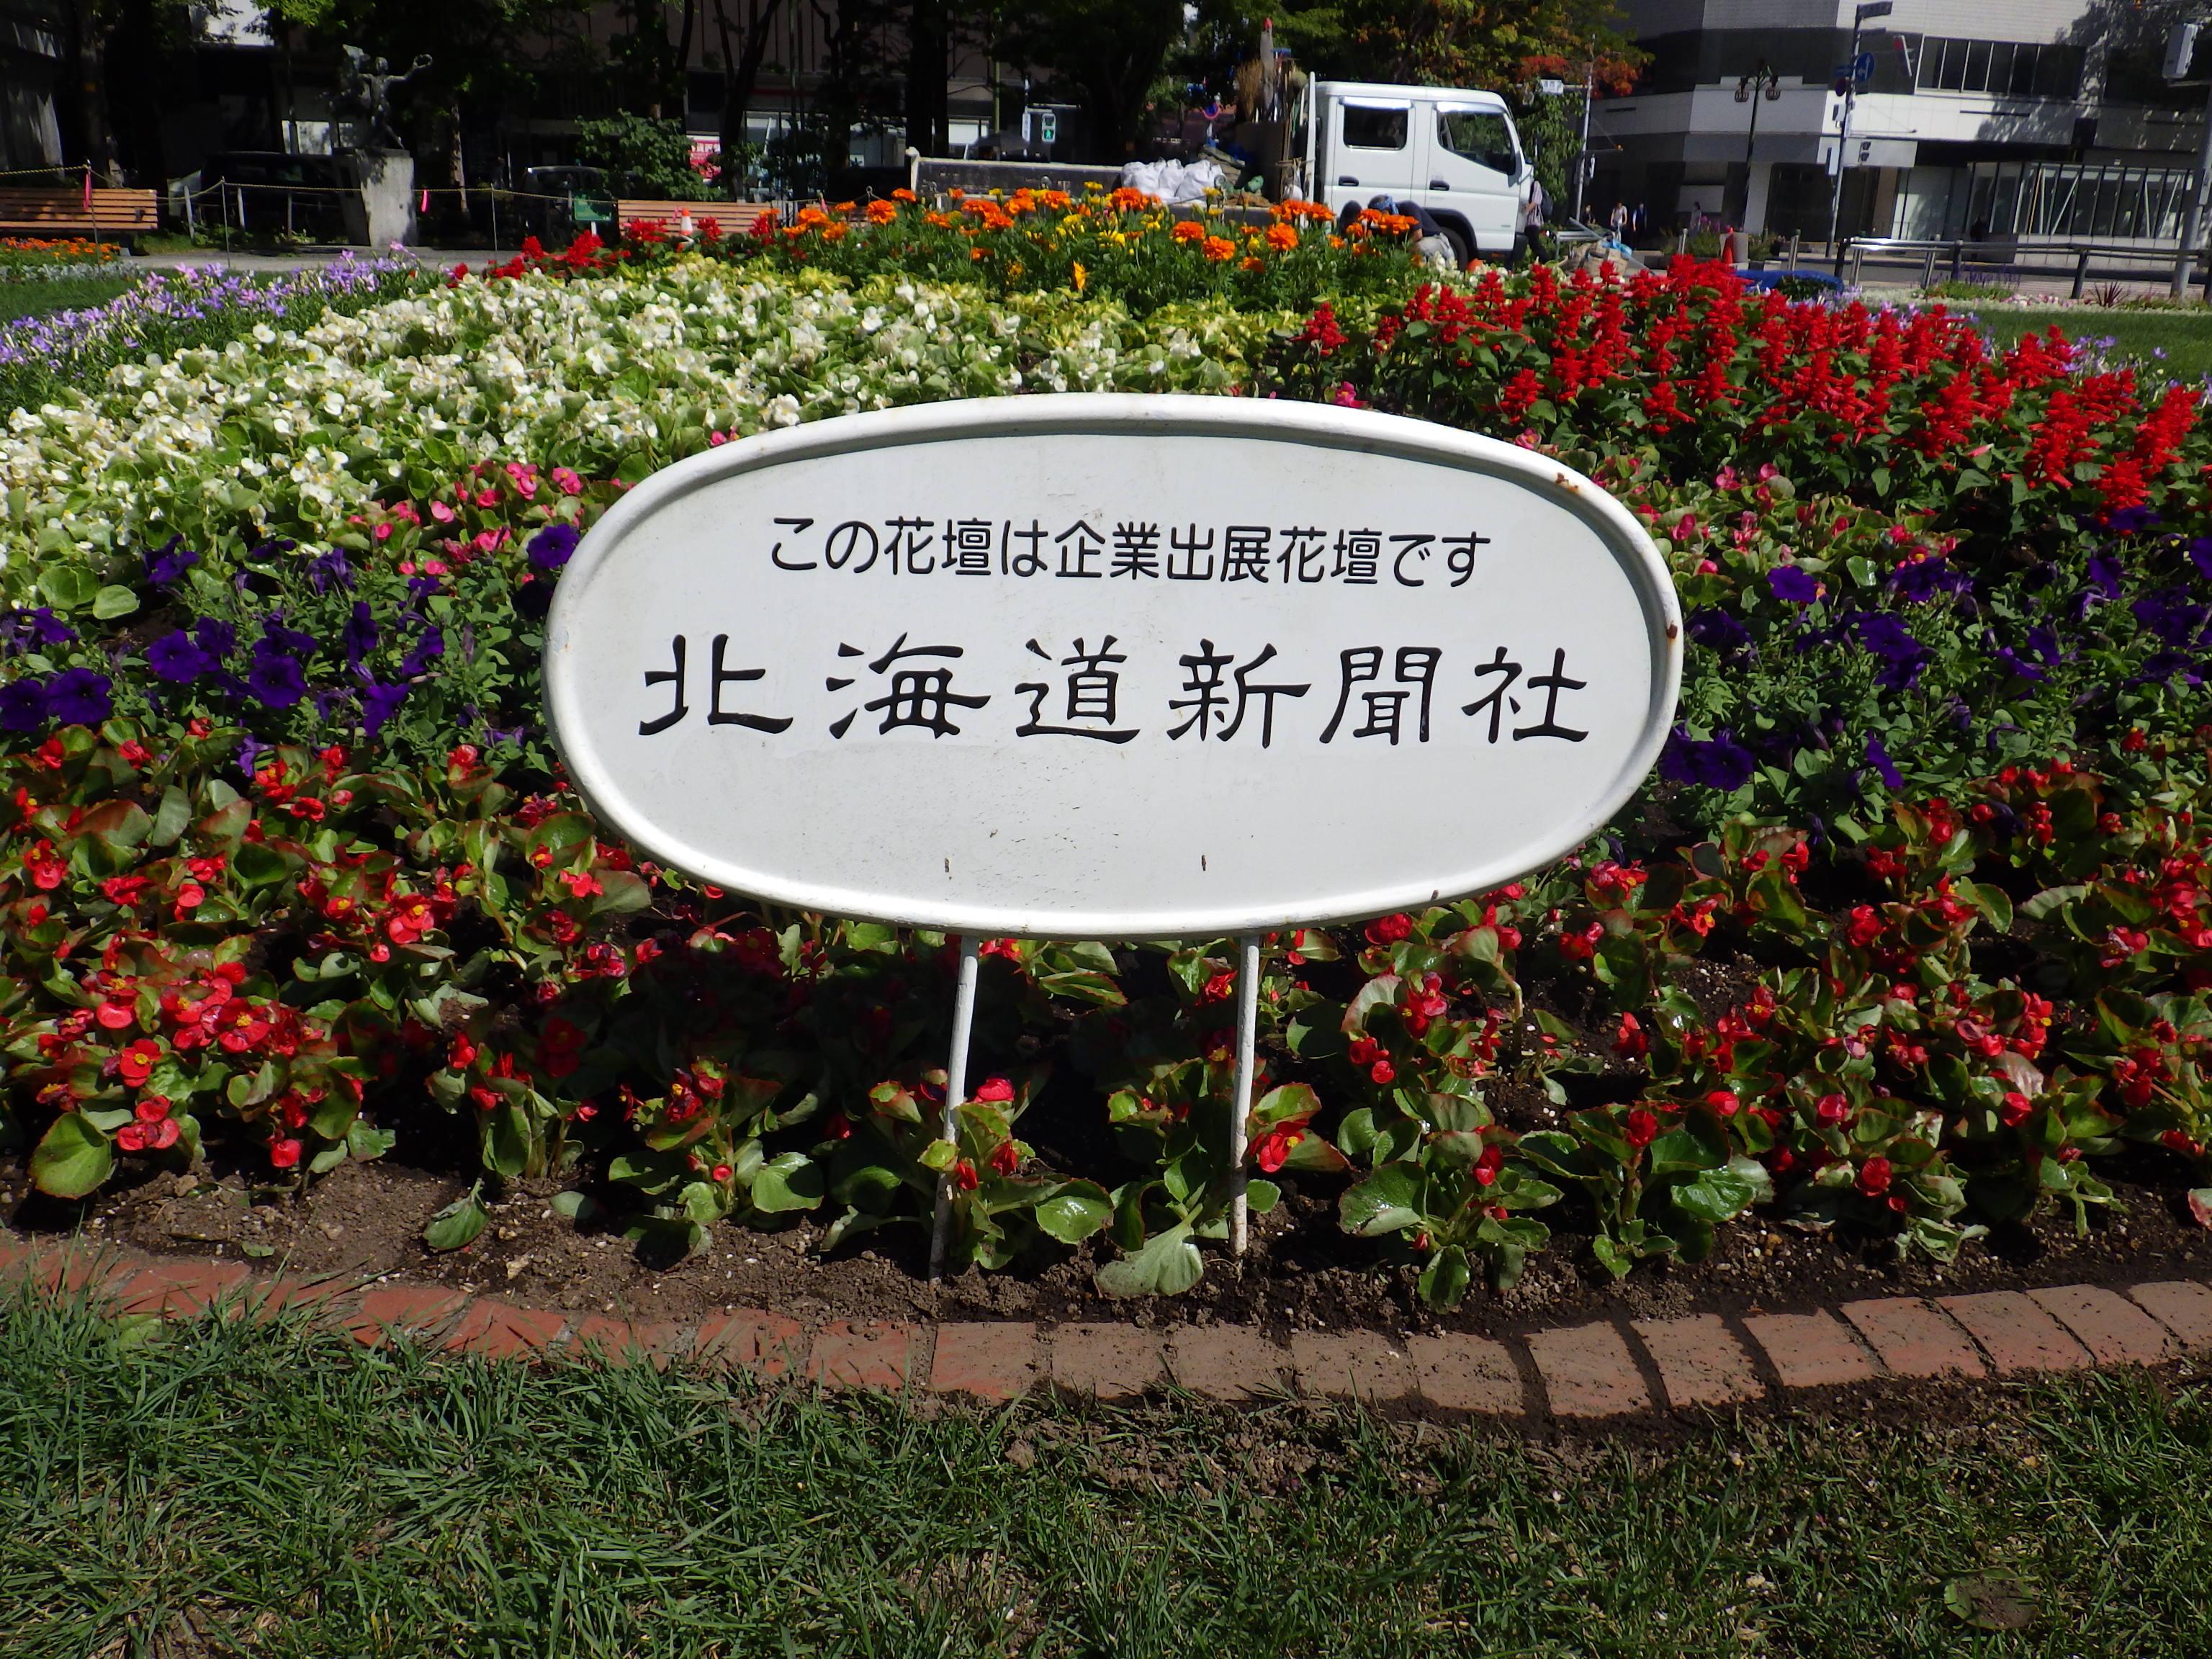 西3丁目東側の北海道新聞のスポンサー花壇の看板